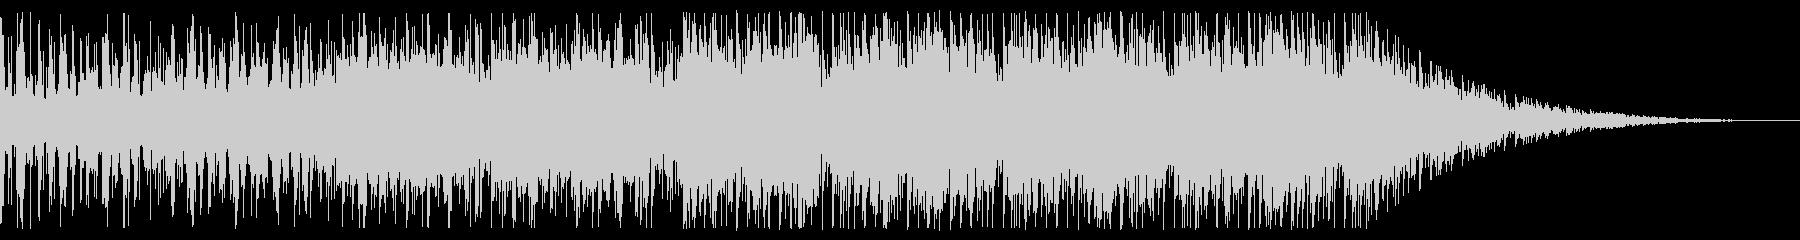 開放的/宇宙/エレクトロ_No602_3の未再生の波形